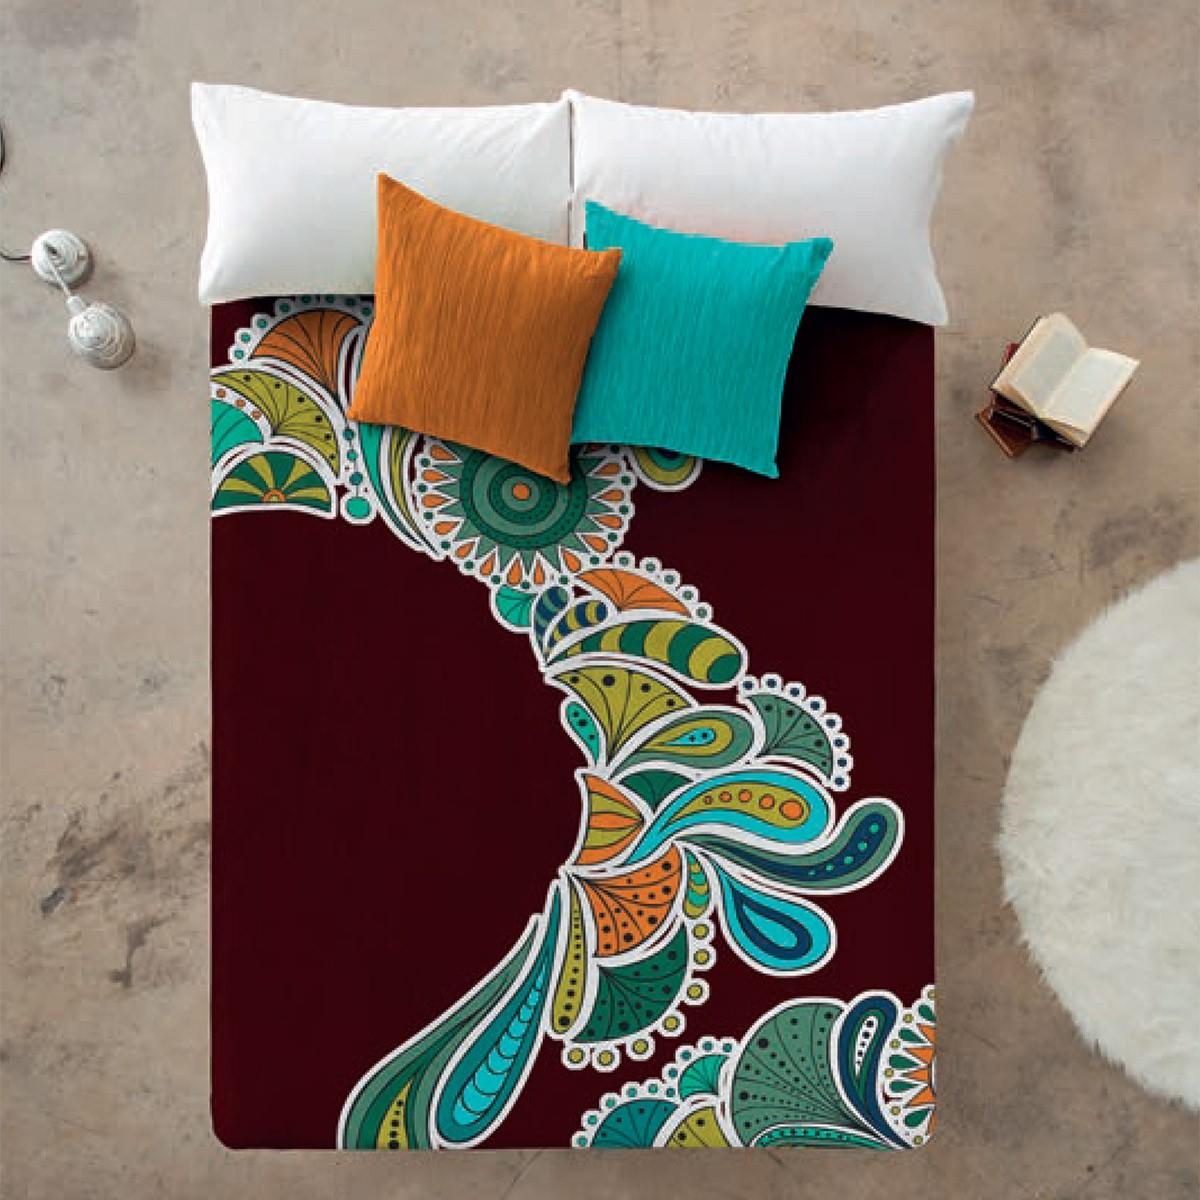 Κουβέρτα Βελουτέ Υπέρδιπλη Manterol Vip 361 C18 home   κρεβατοκάμαρα   κουβέρτες   κουβέρτες βελουτέ υπέρδιπλες